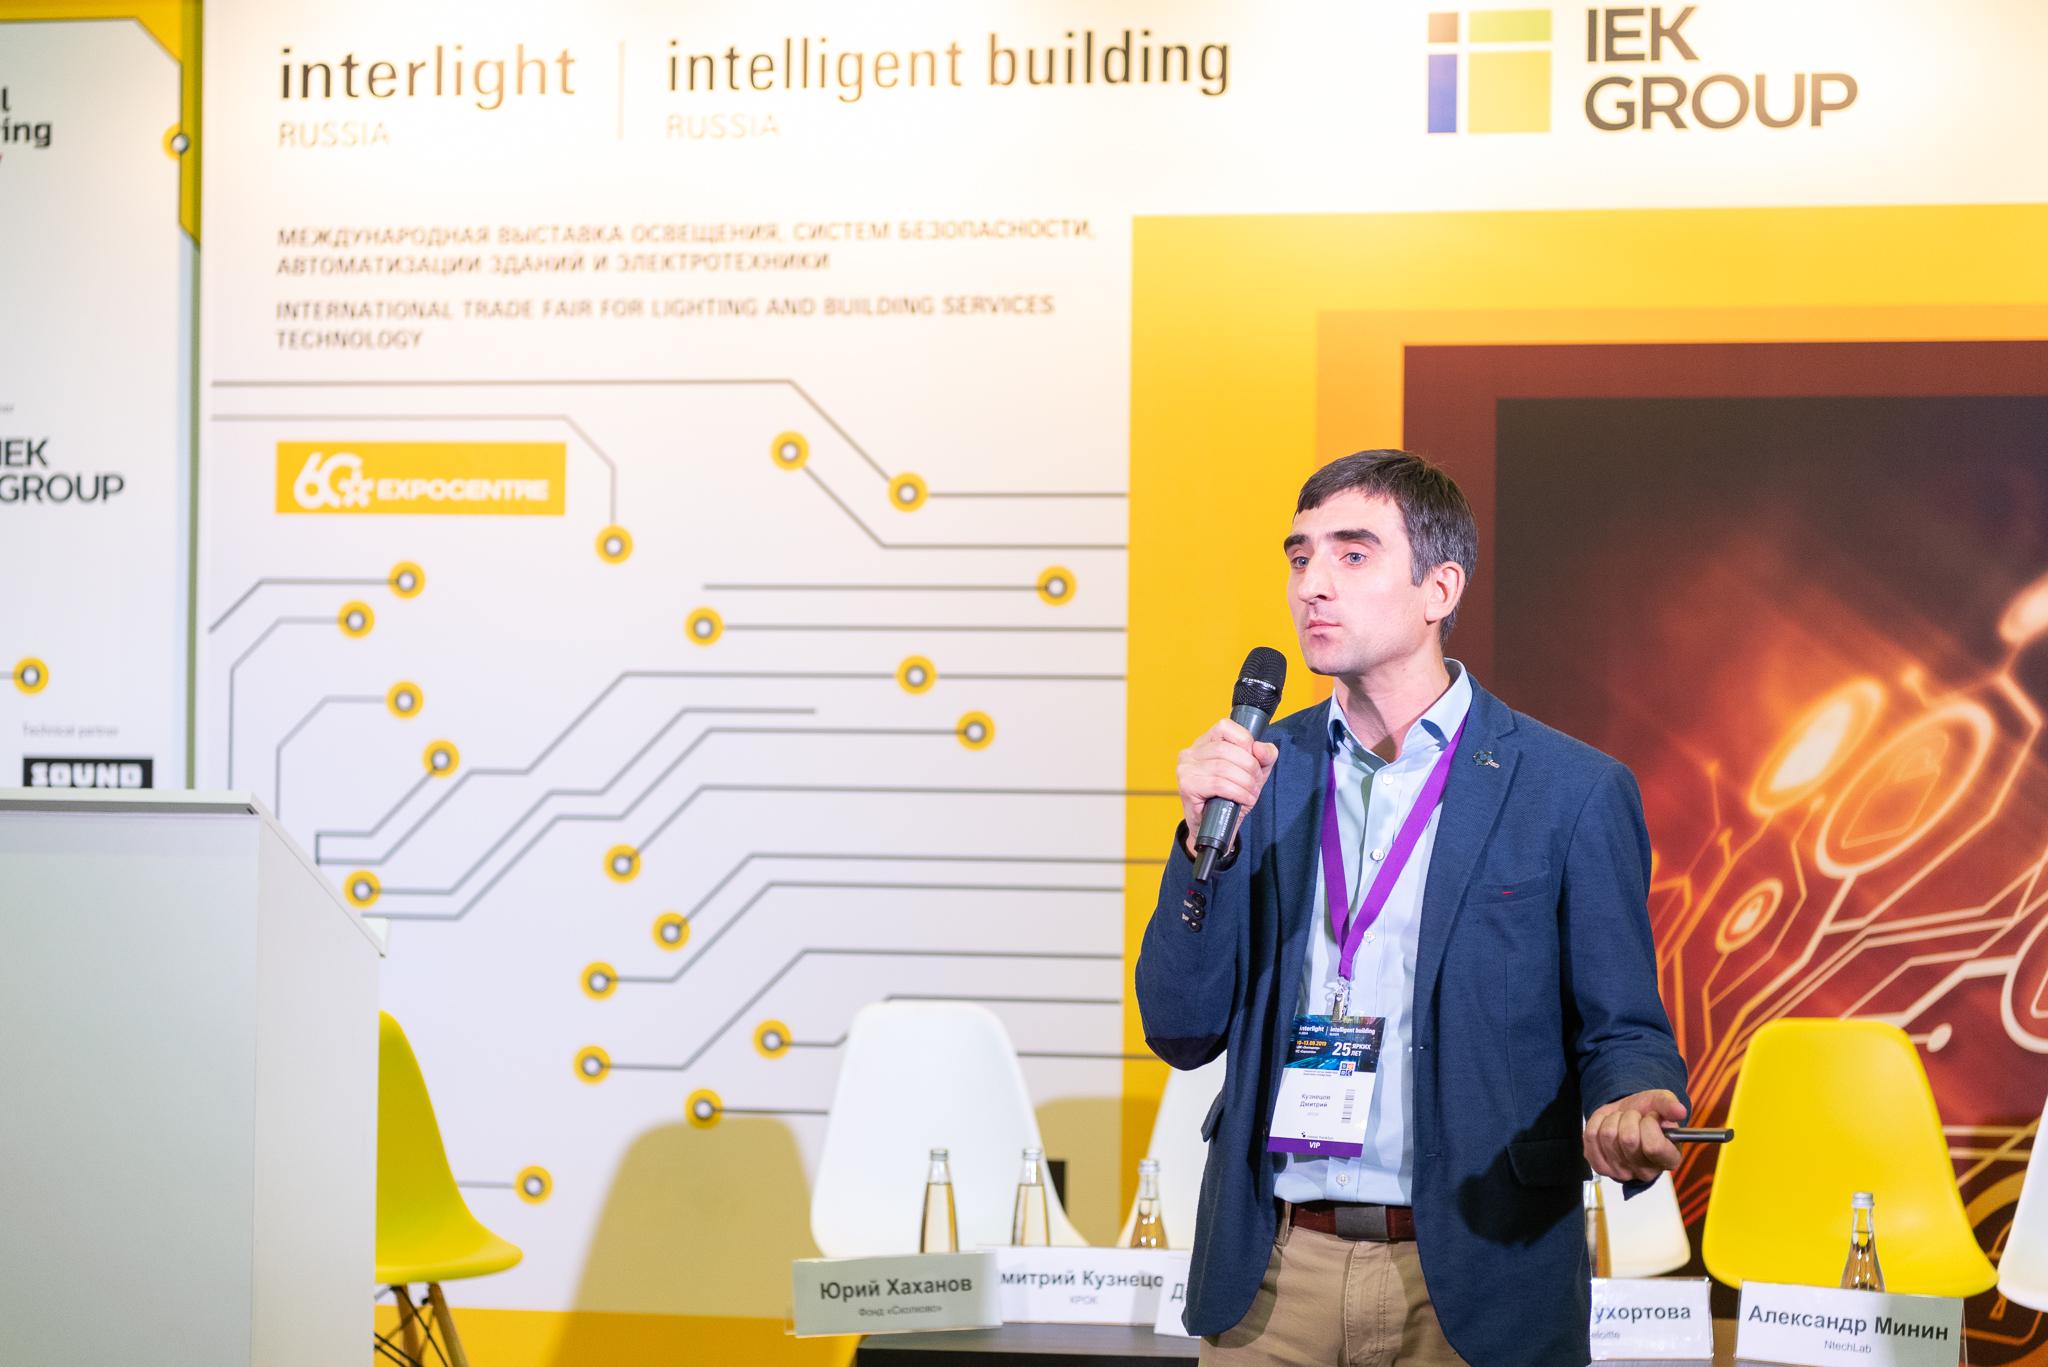 На Intersec Forum Russia обсудили мировые и российские тренды цифрового развития городов